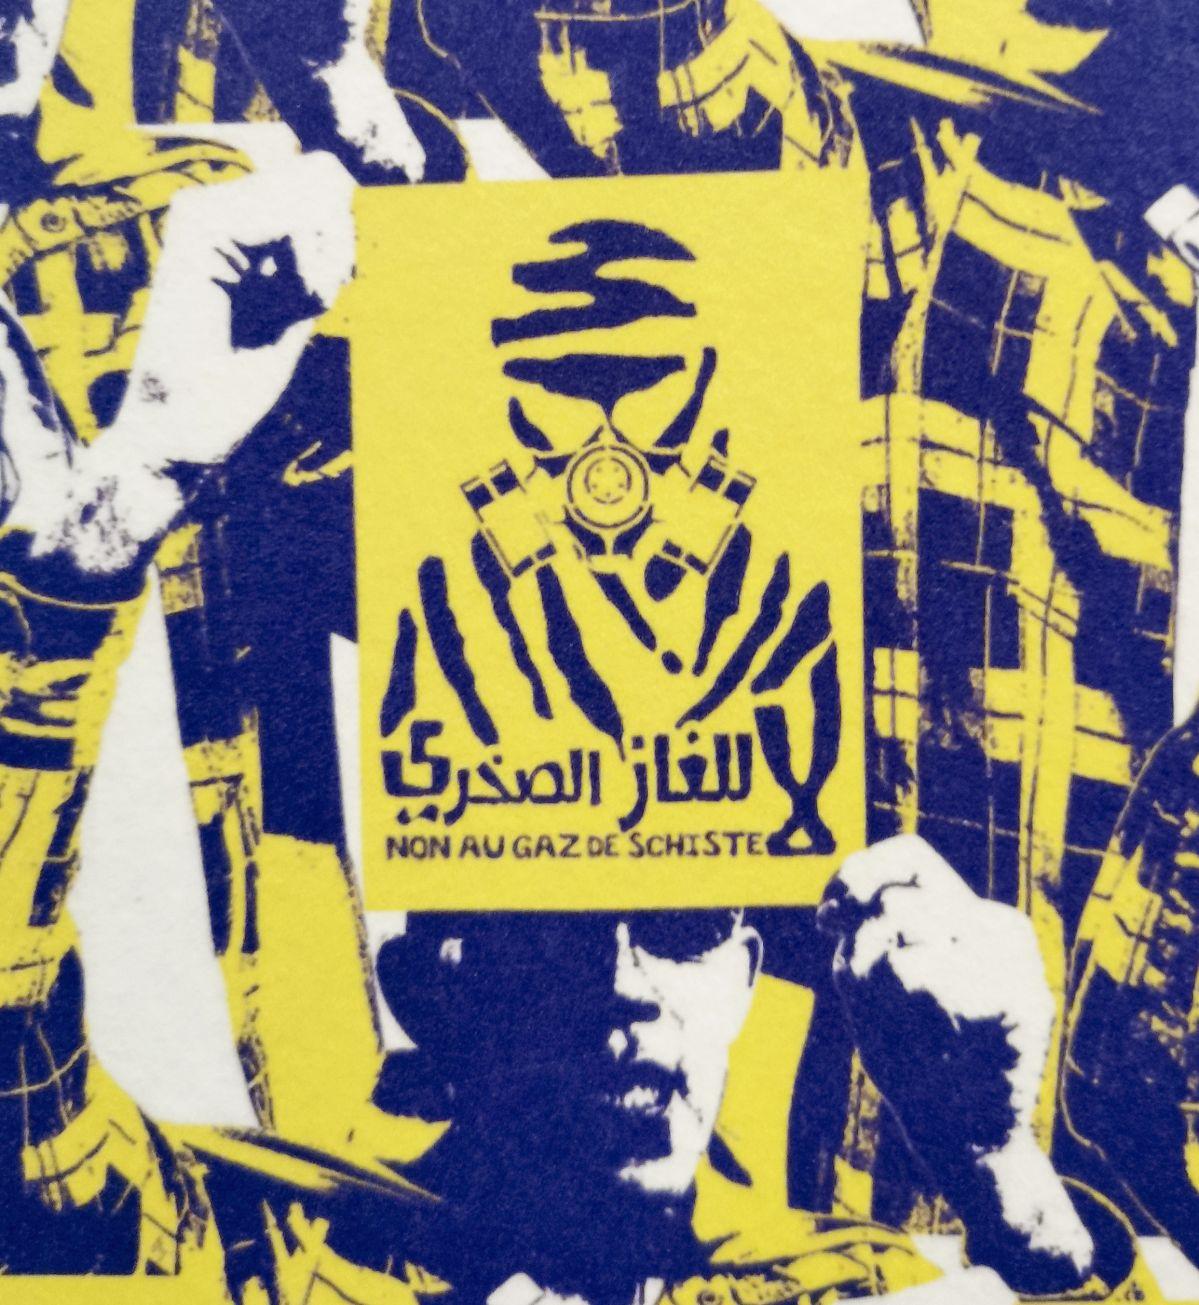 Mourad Krinah, NON AU GAZ DE SCHISTE, 2020 - En attendant Omar Gatlato - Fiche la Belle de Mai - Marseille